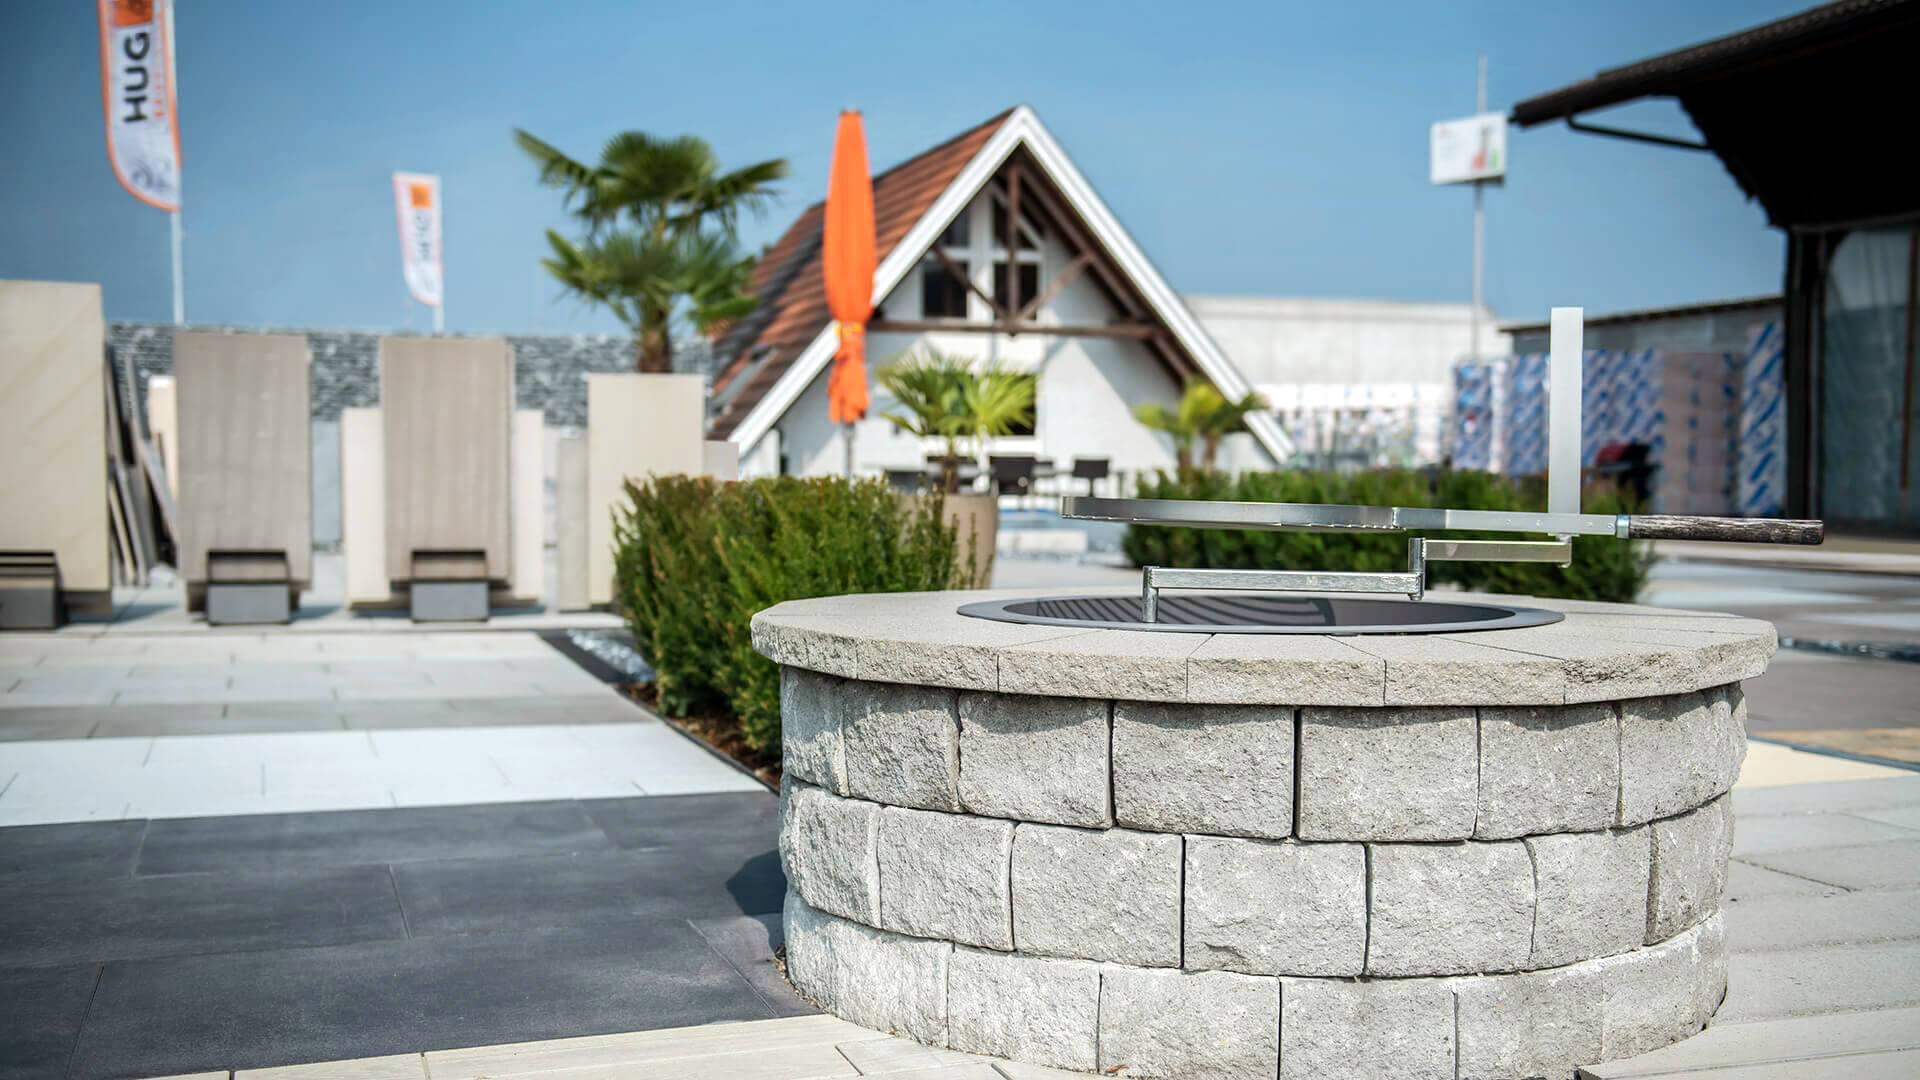 Gartenausstellung Nänikon für Verbundsteine, Natursteine und Betonplatten, rund um die Uhr geöffnet.